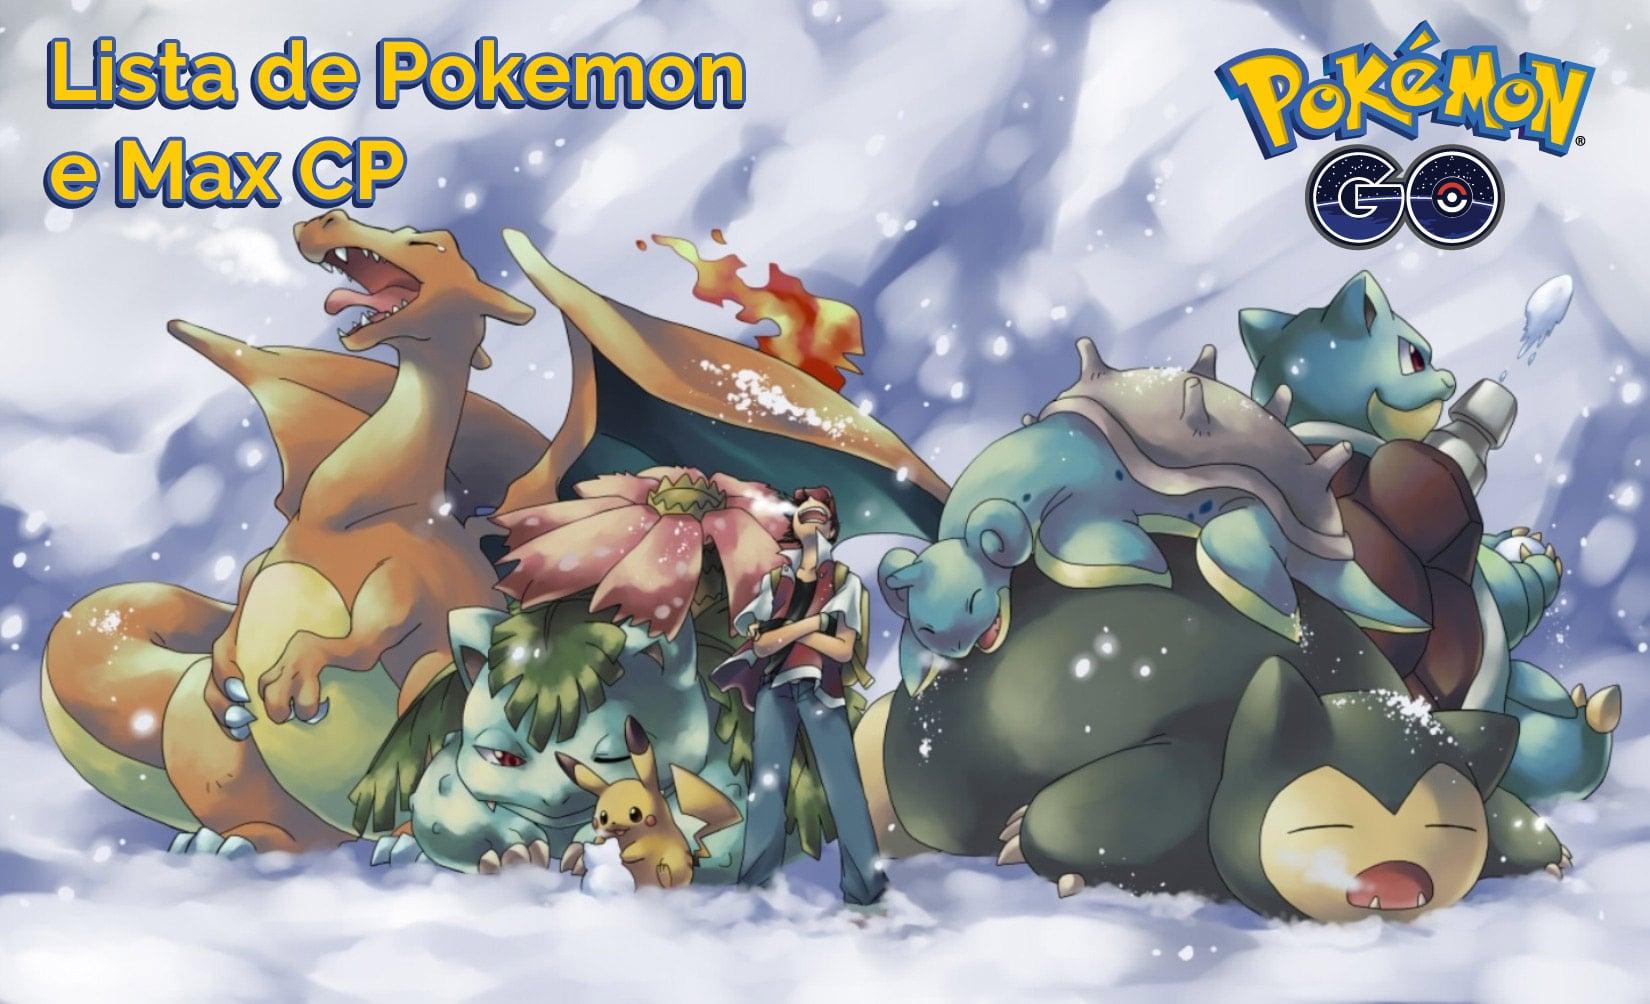 Pokemon GO - Lista de Pokemon e Max CP